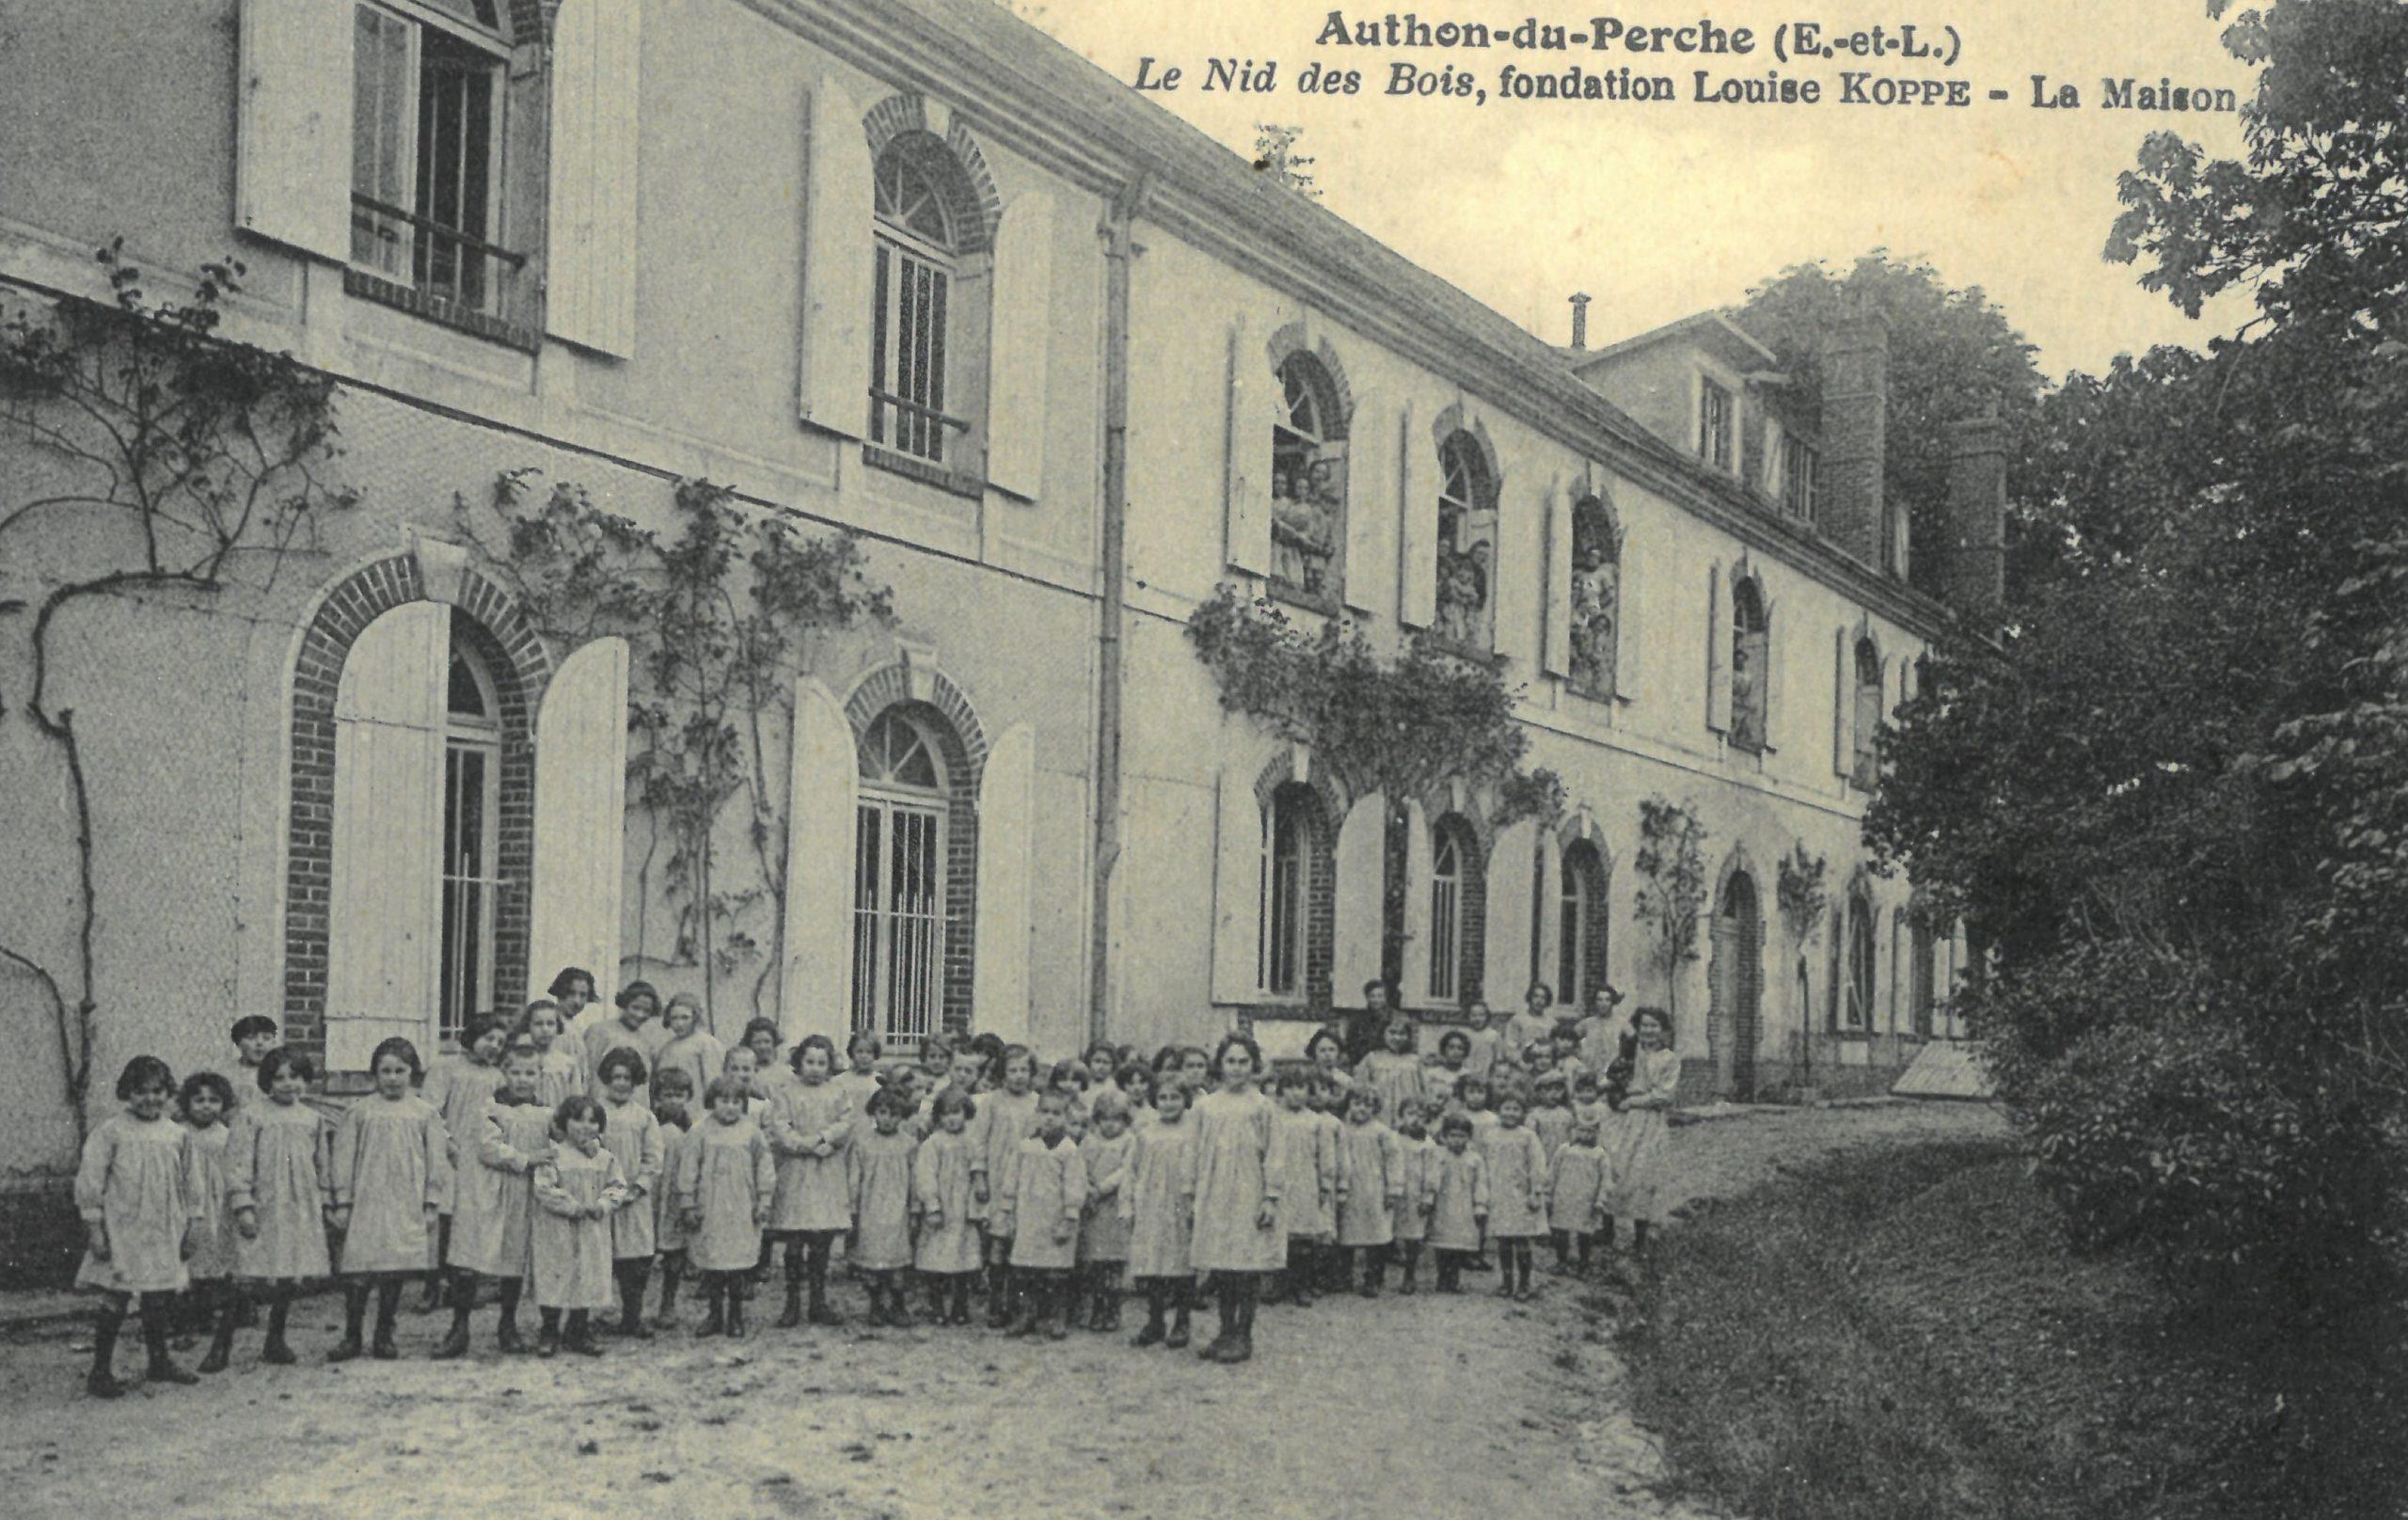 CPA, Authon-du-Perche, le Nid des Bois